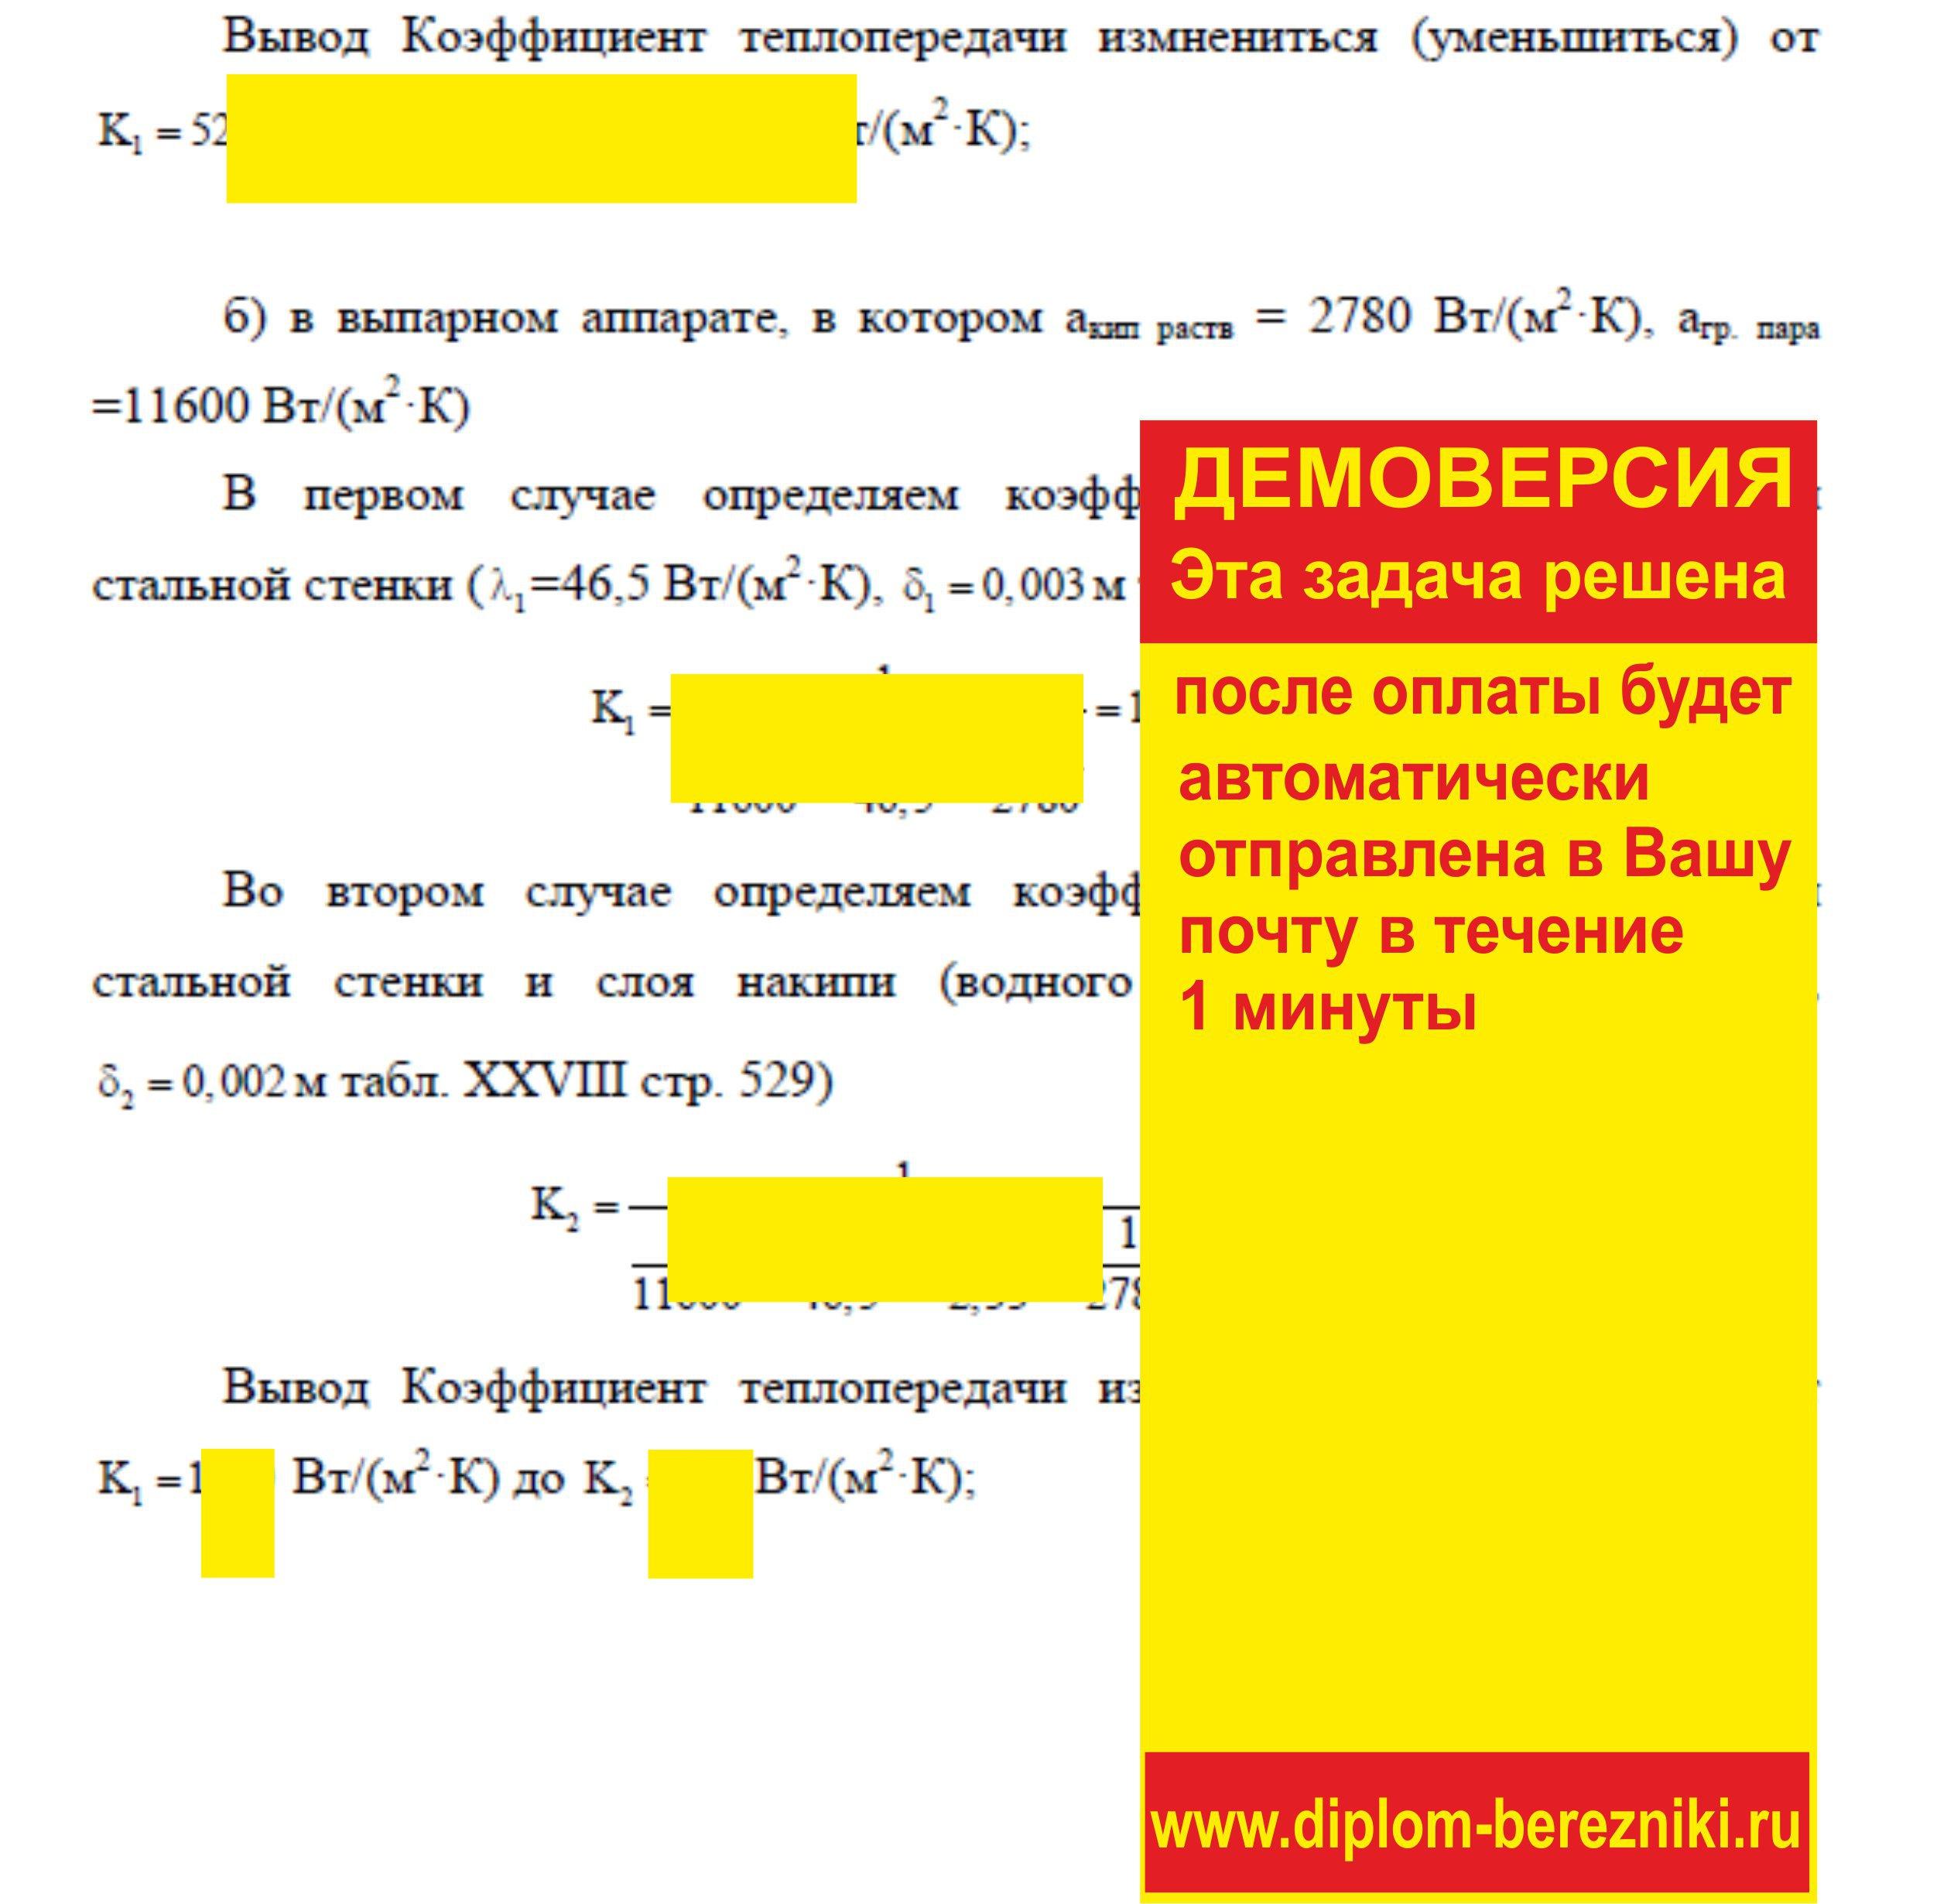 Решение задачи 4.13 по ПАХТ из задачника Павлова Романкова Носкова